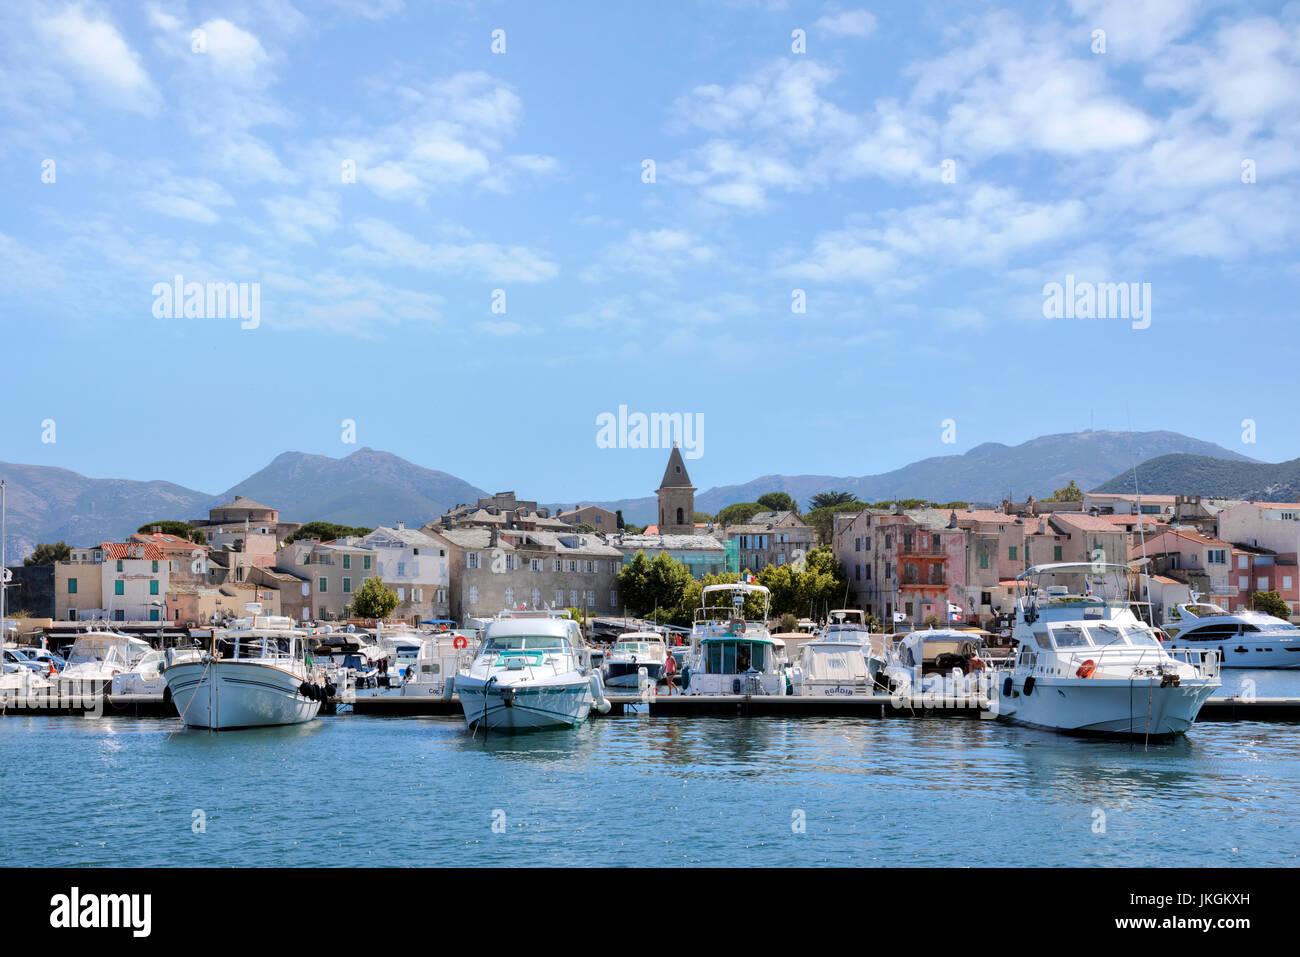 Saint-Florent, Haute-Corse, Corsica, France - Stock Image